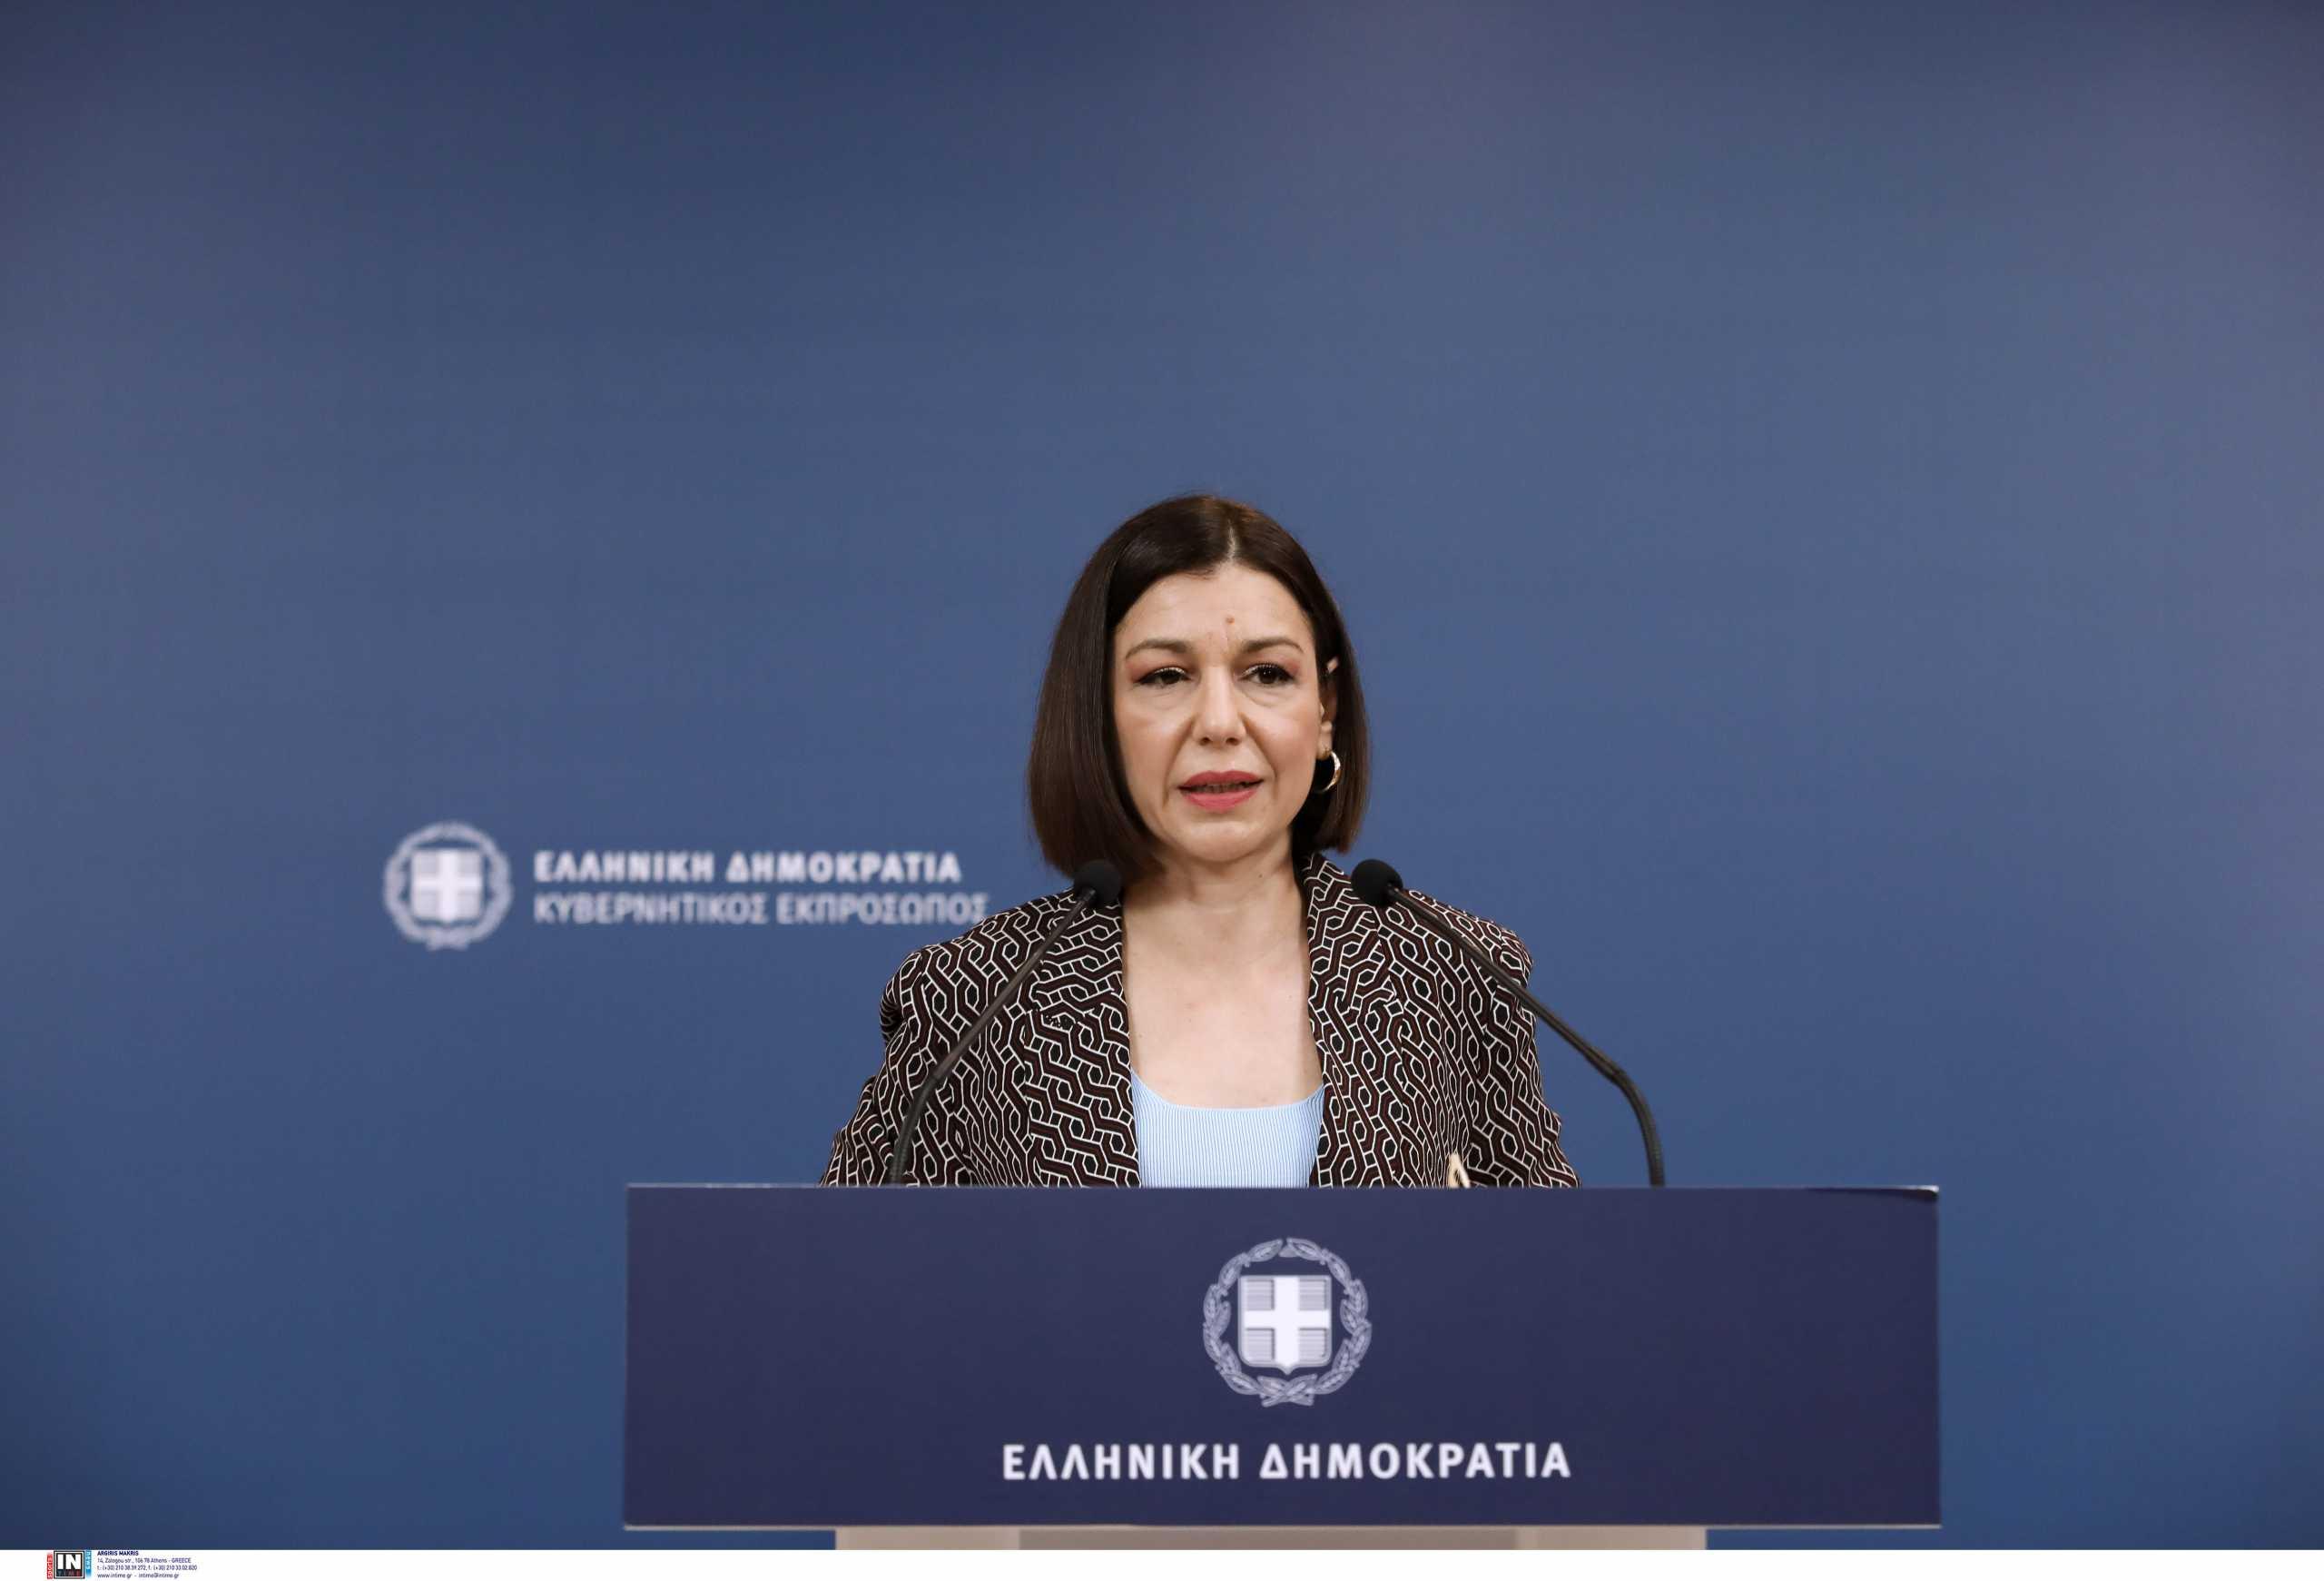 Η ενημέρωση των πολιτικών συντακτών από την Αριστοτελία Πελώνη